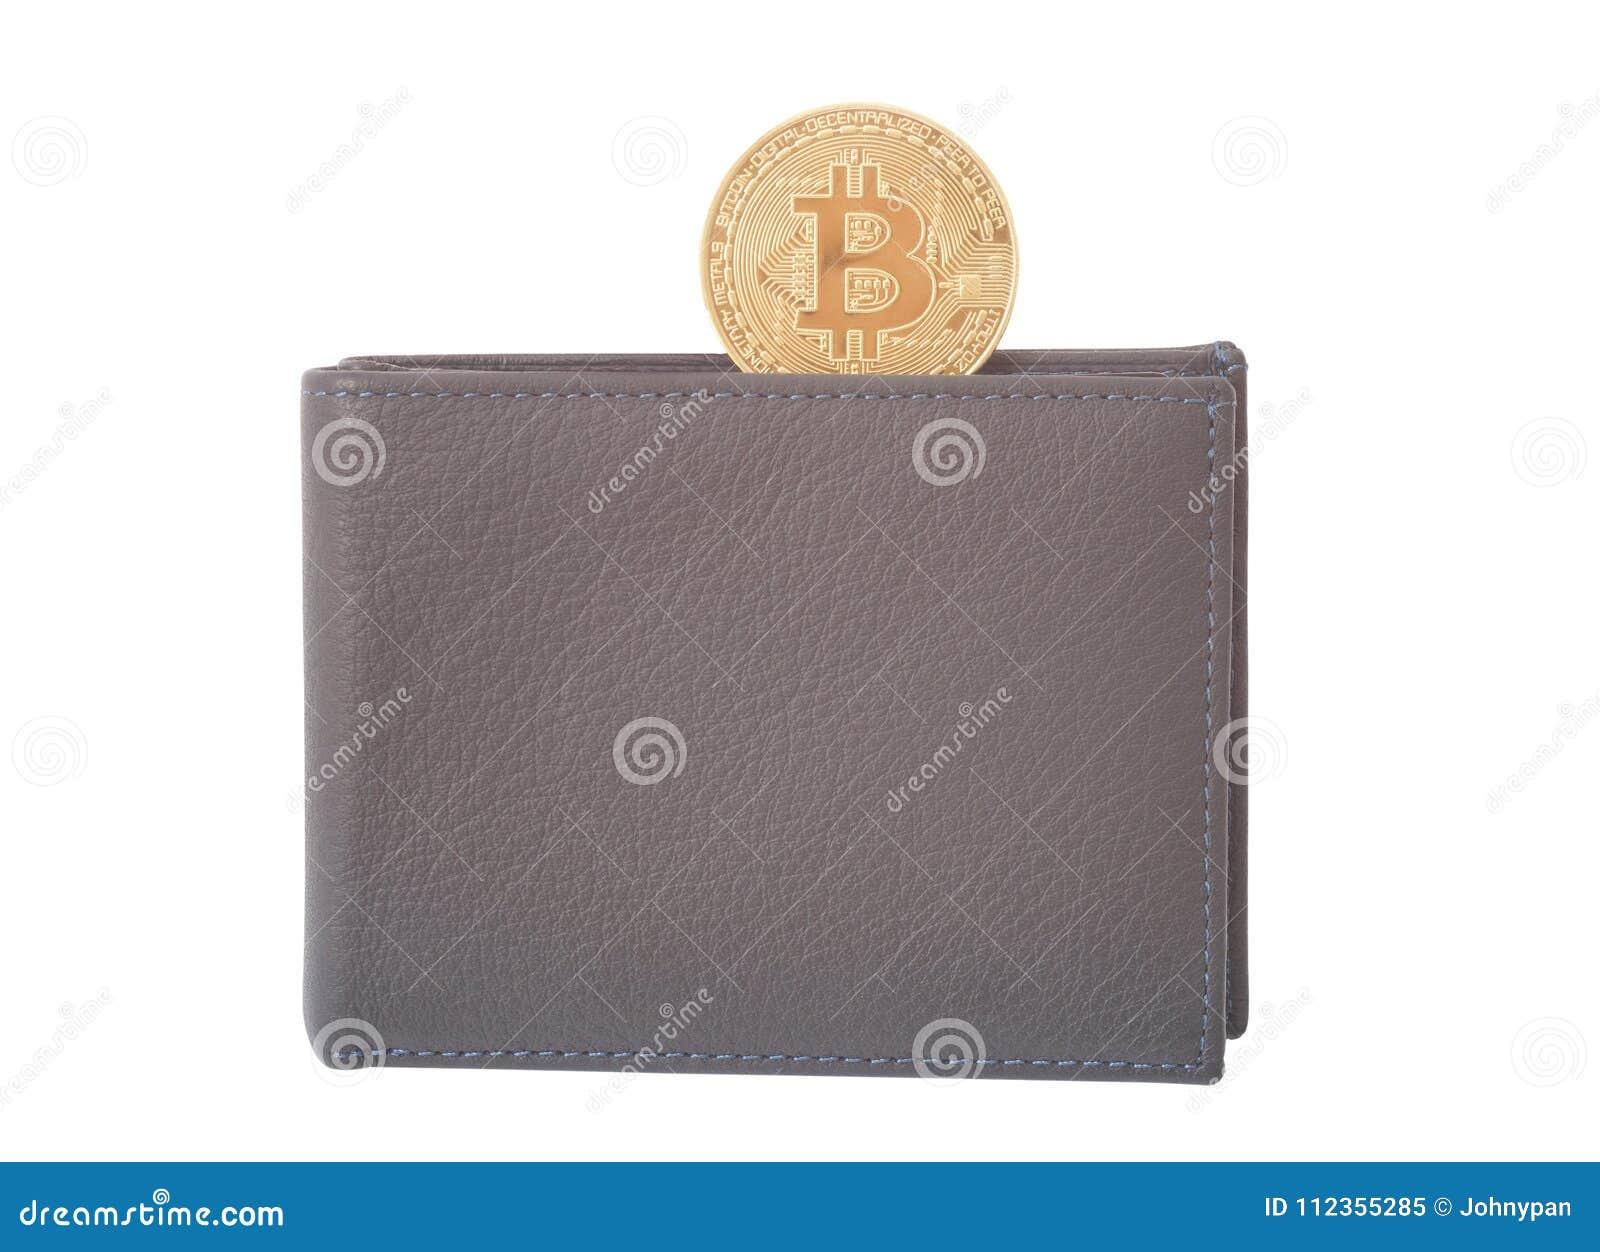 free digital currency wallet